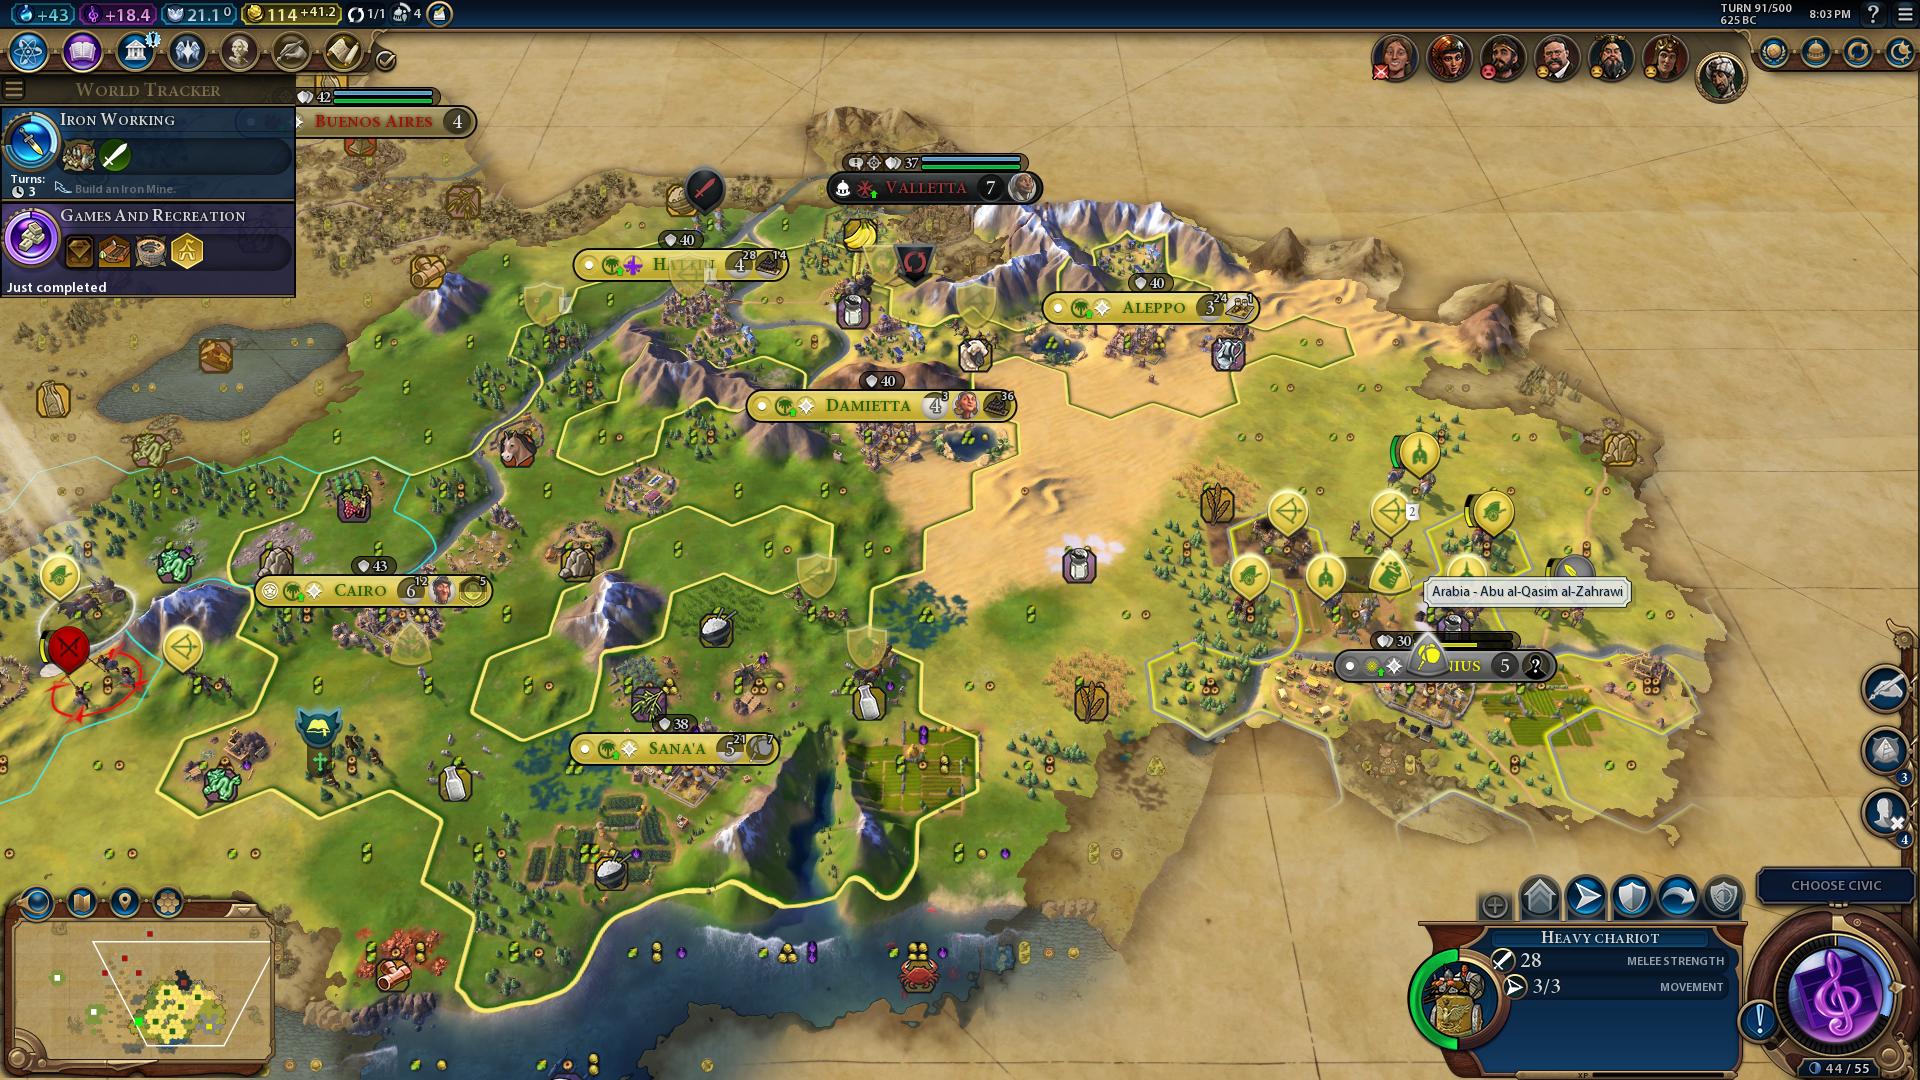 Sid Meier's Civilization VI (DX11) 9_24_2018 8_03_19 PM.png